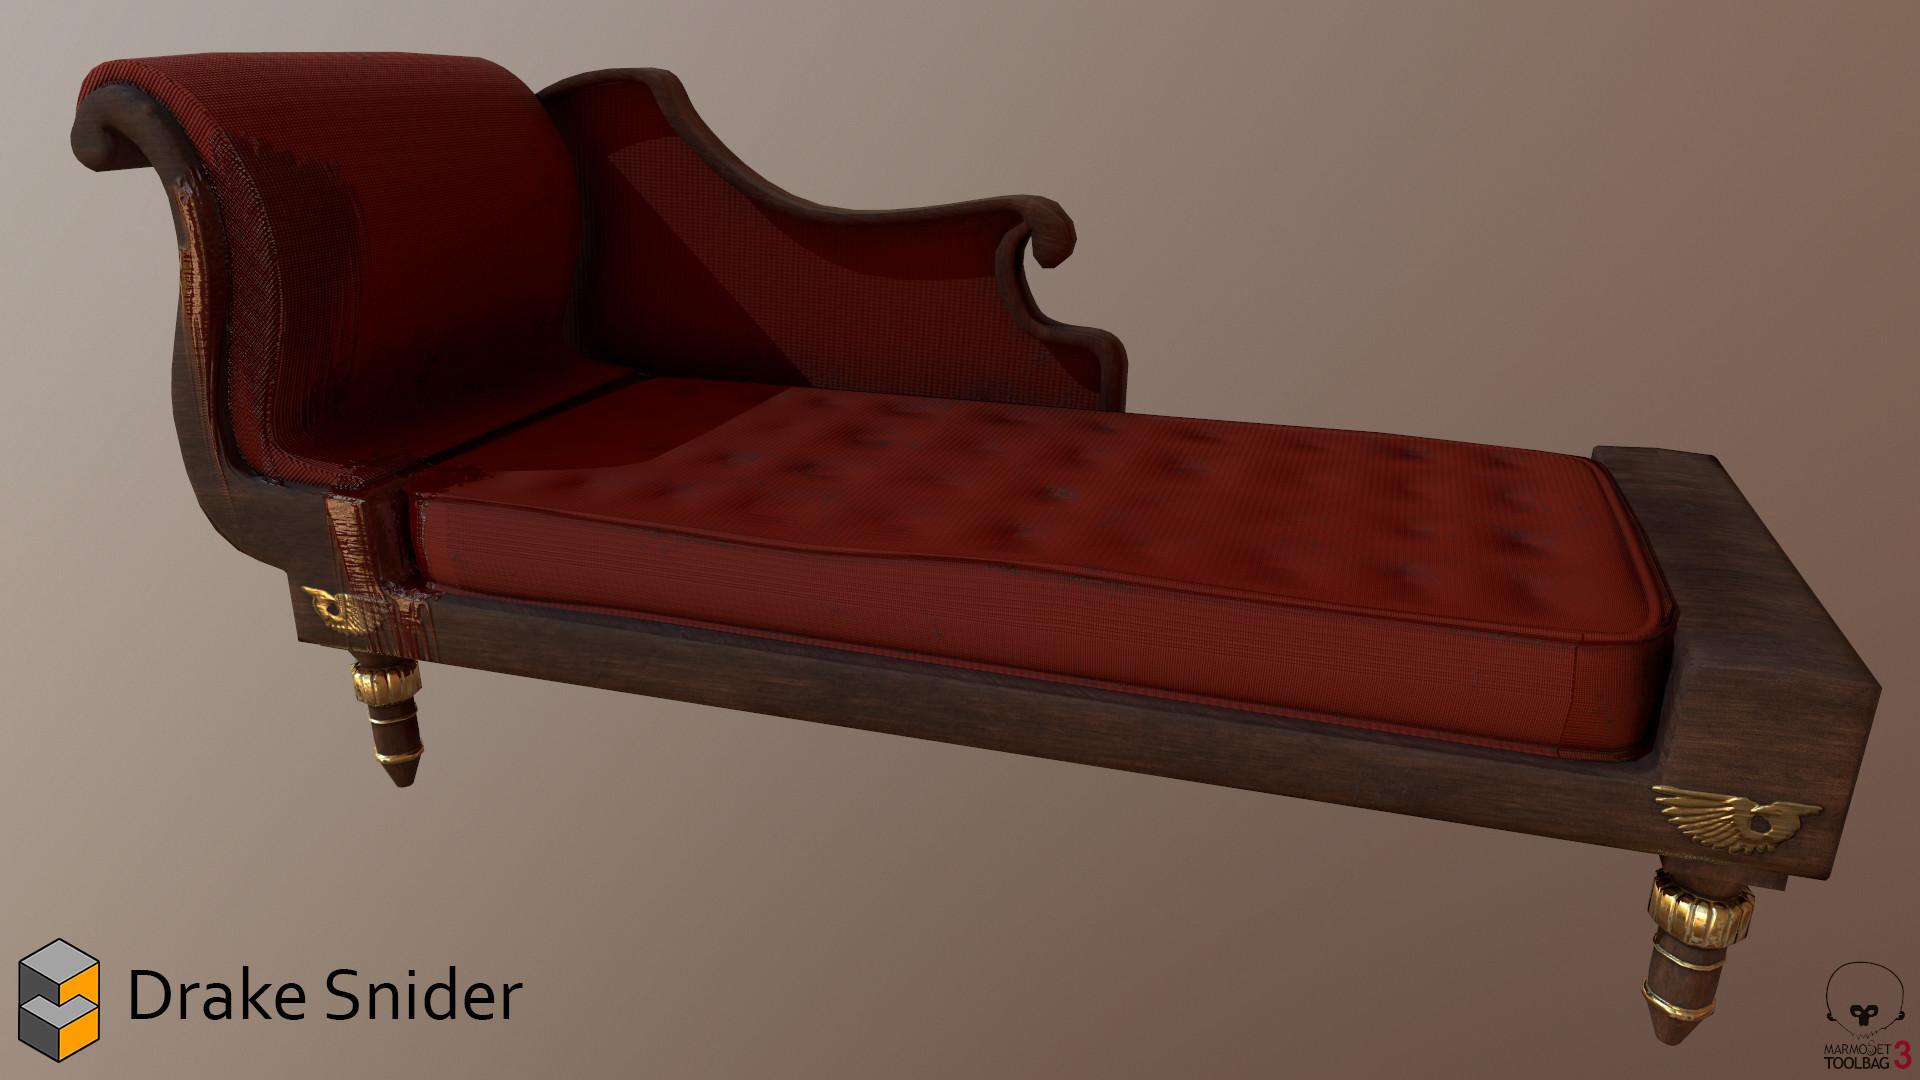 Drake snider drakesnider chair